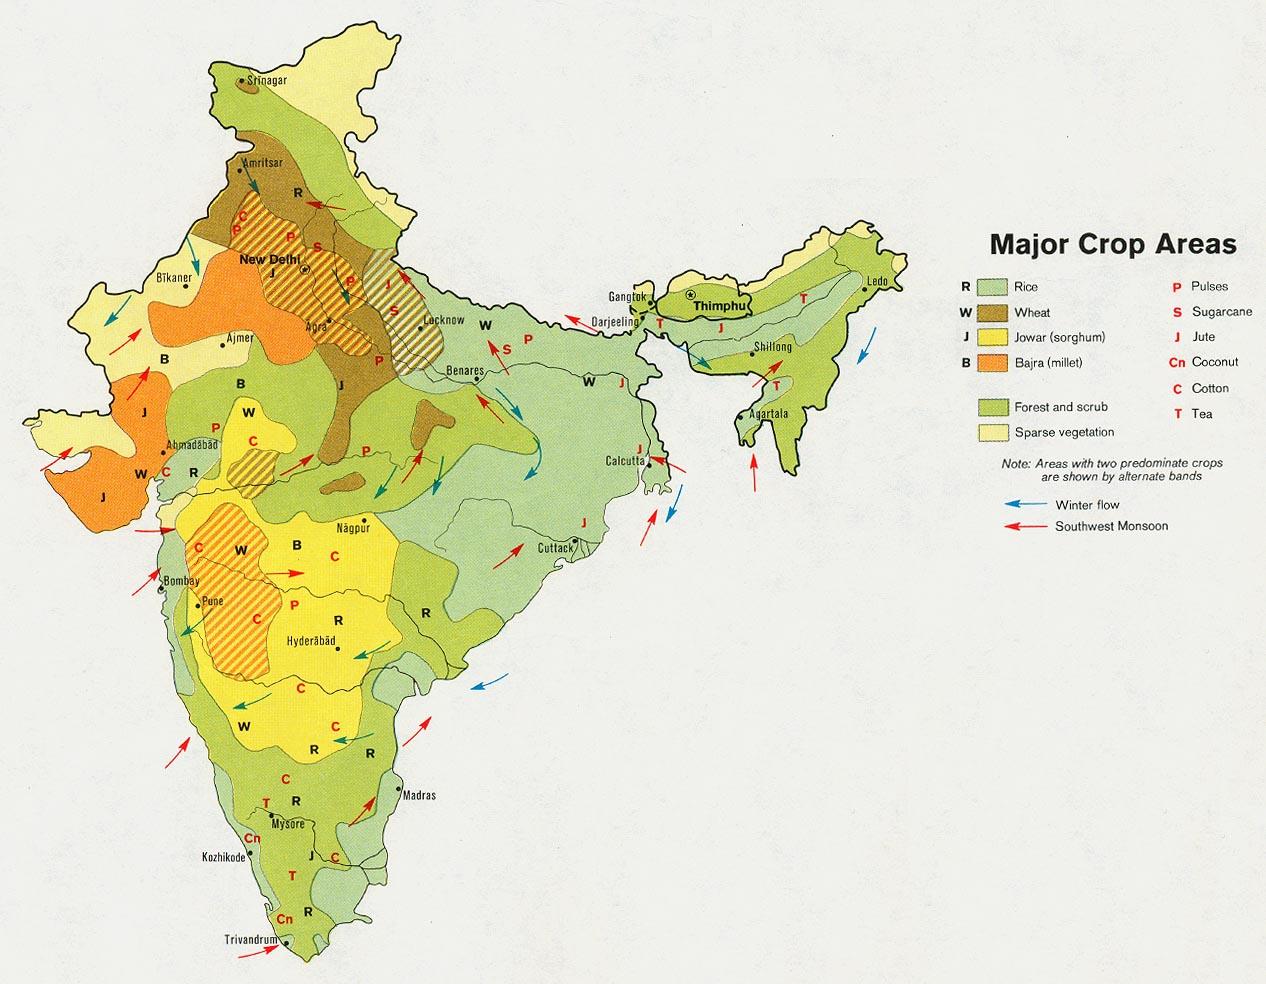 Mapa de los Principales Cultivos de India